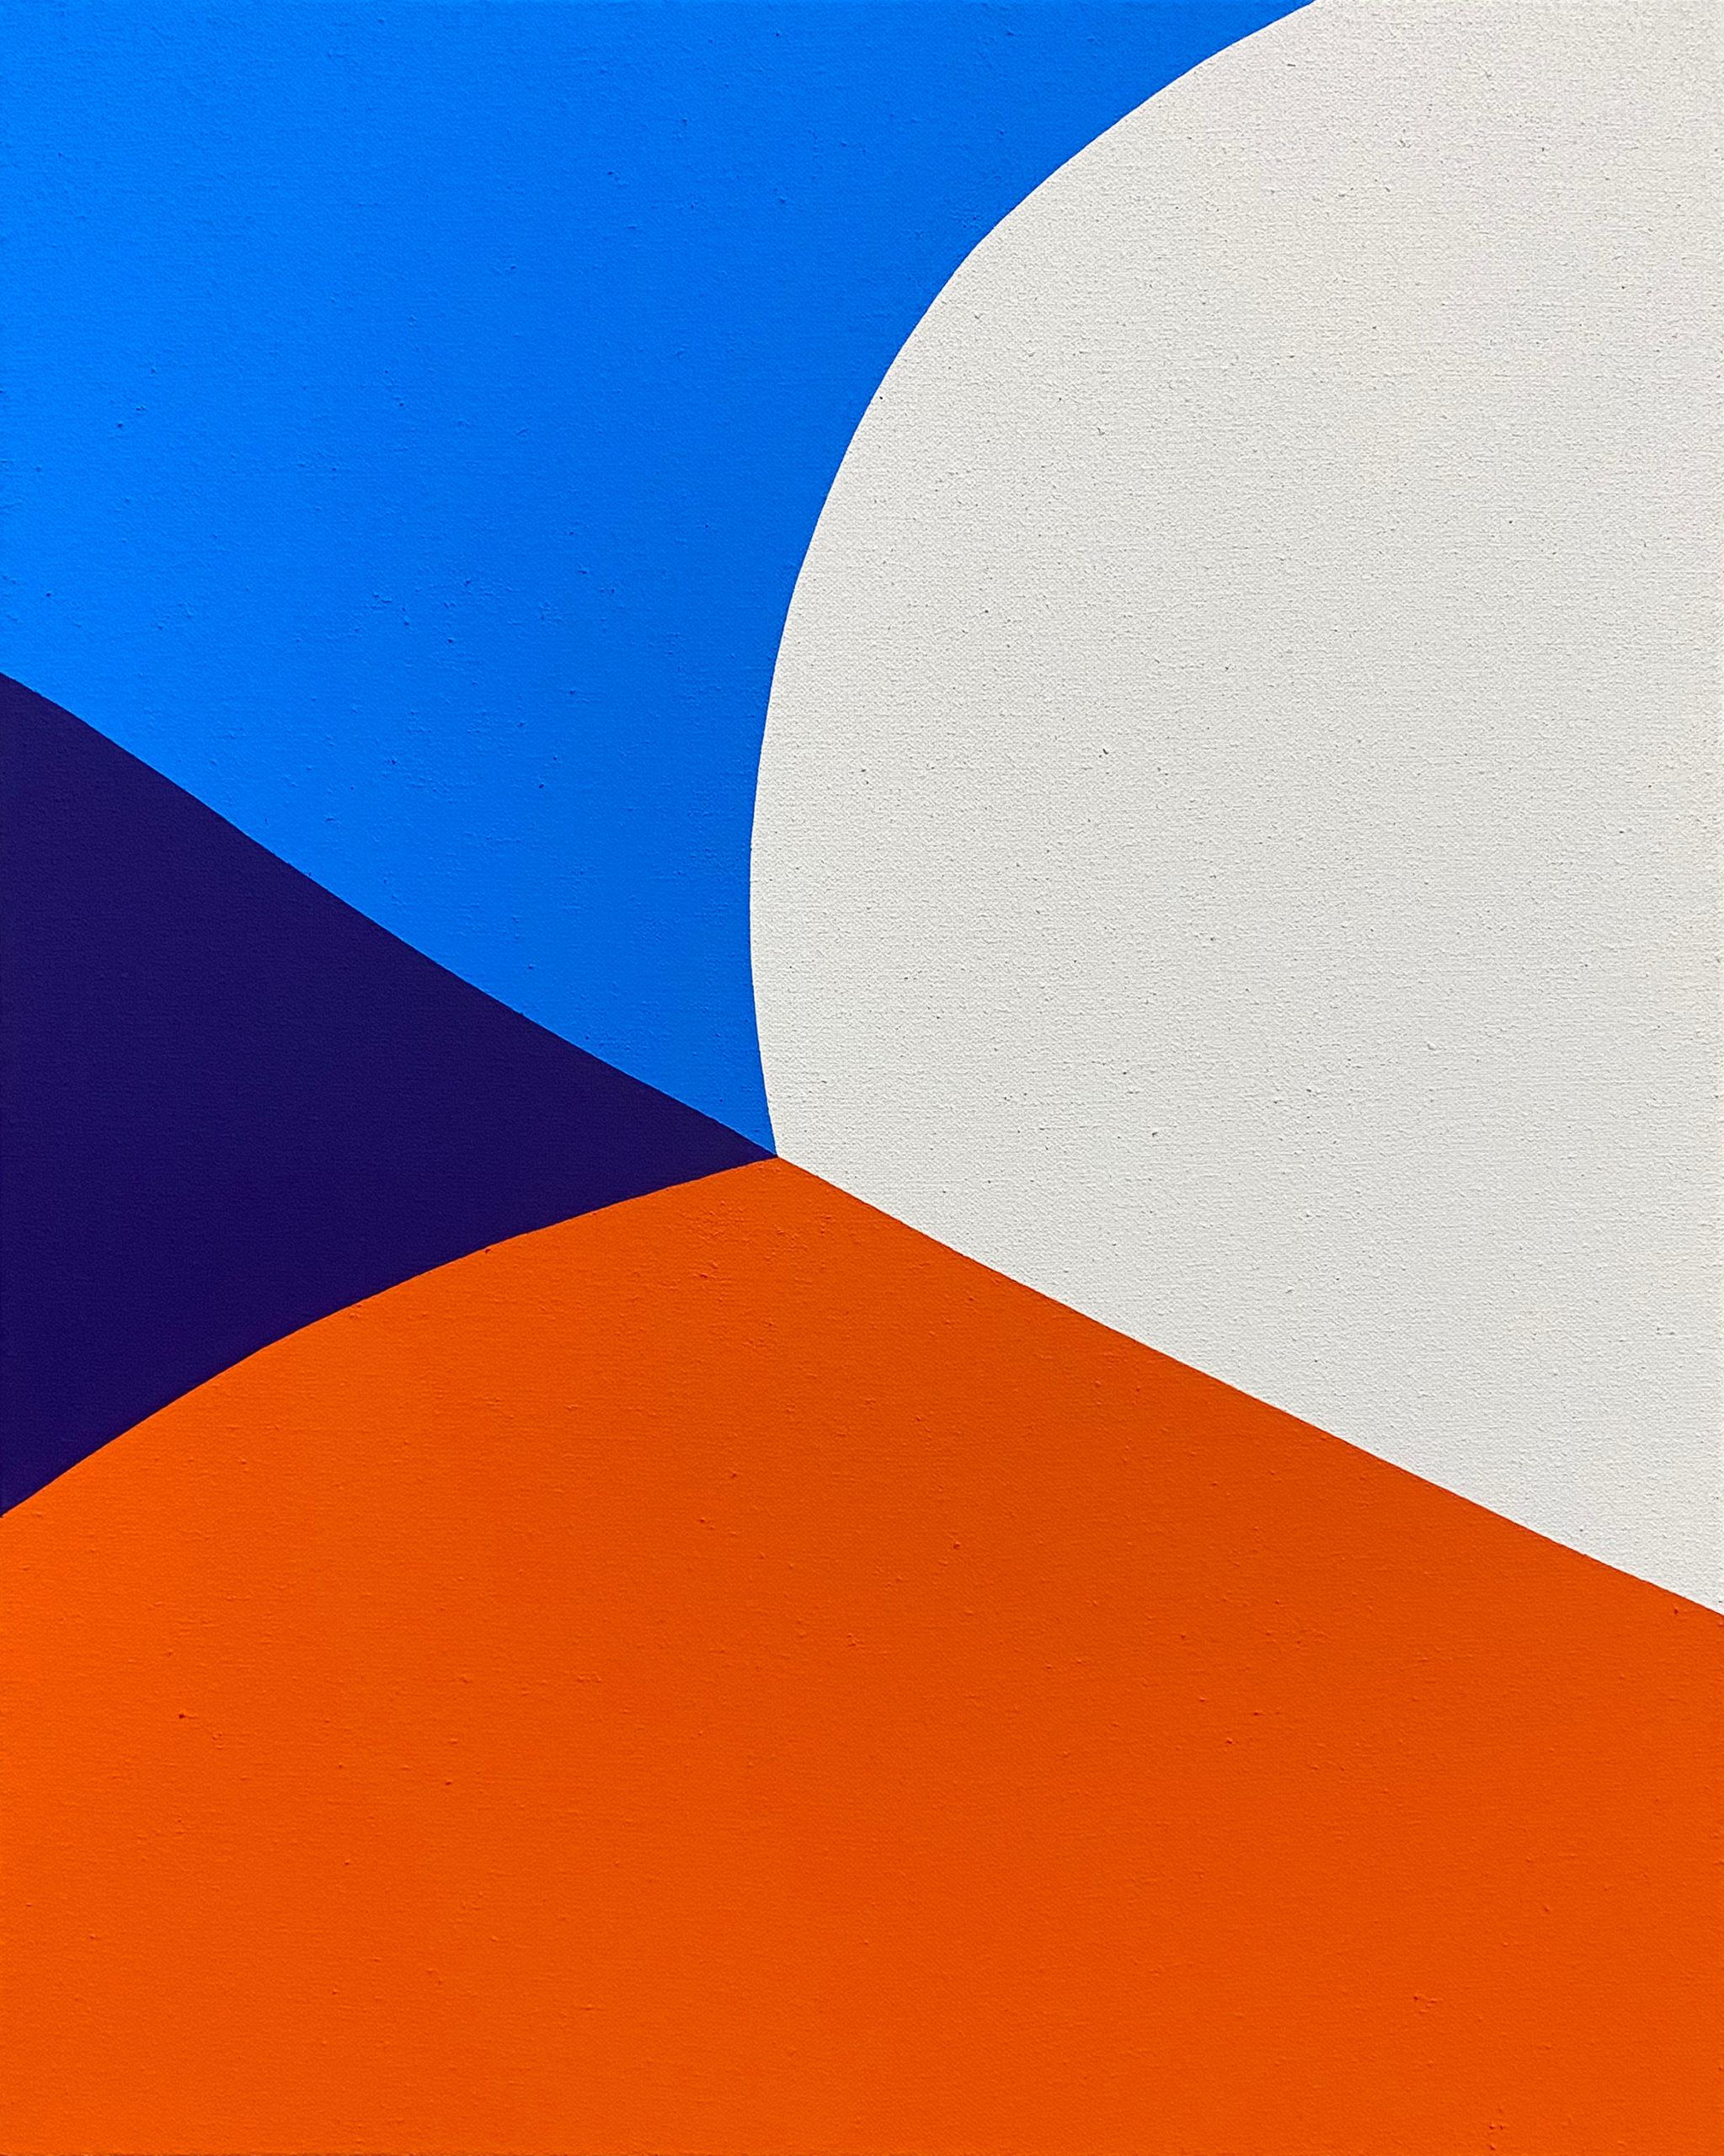 Paul Kremer Fold 2, 2020, acrylic on canvas